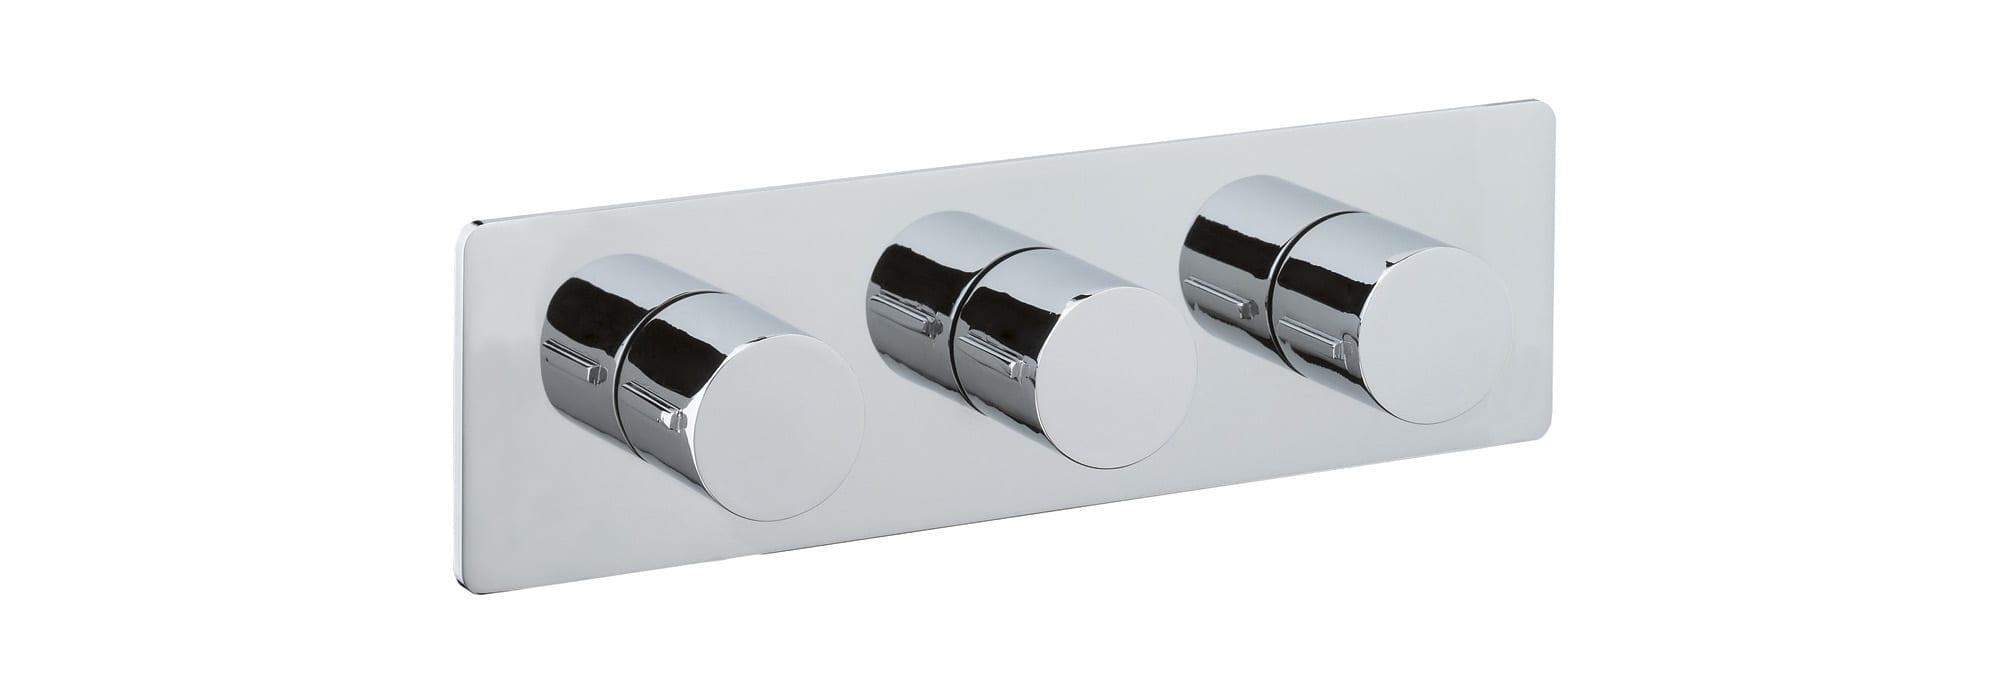 אינטרפוץ למקלחת 5 דרך, כרום – T10.36.01 by Milstone